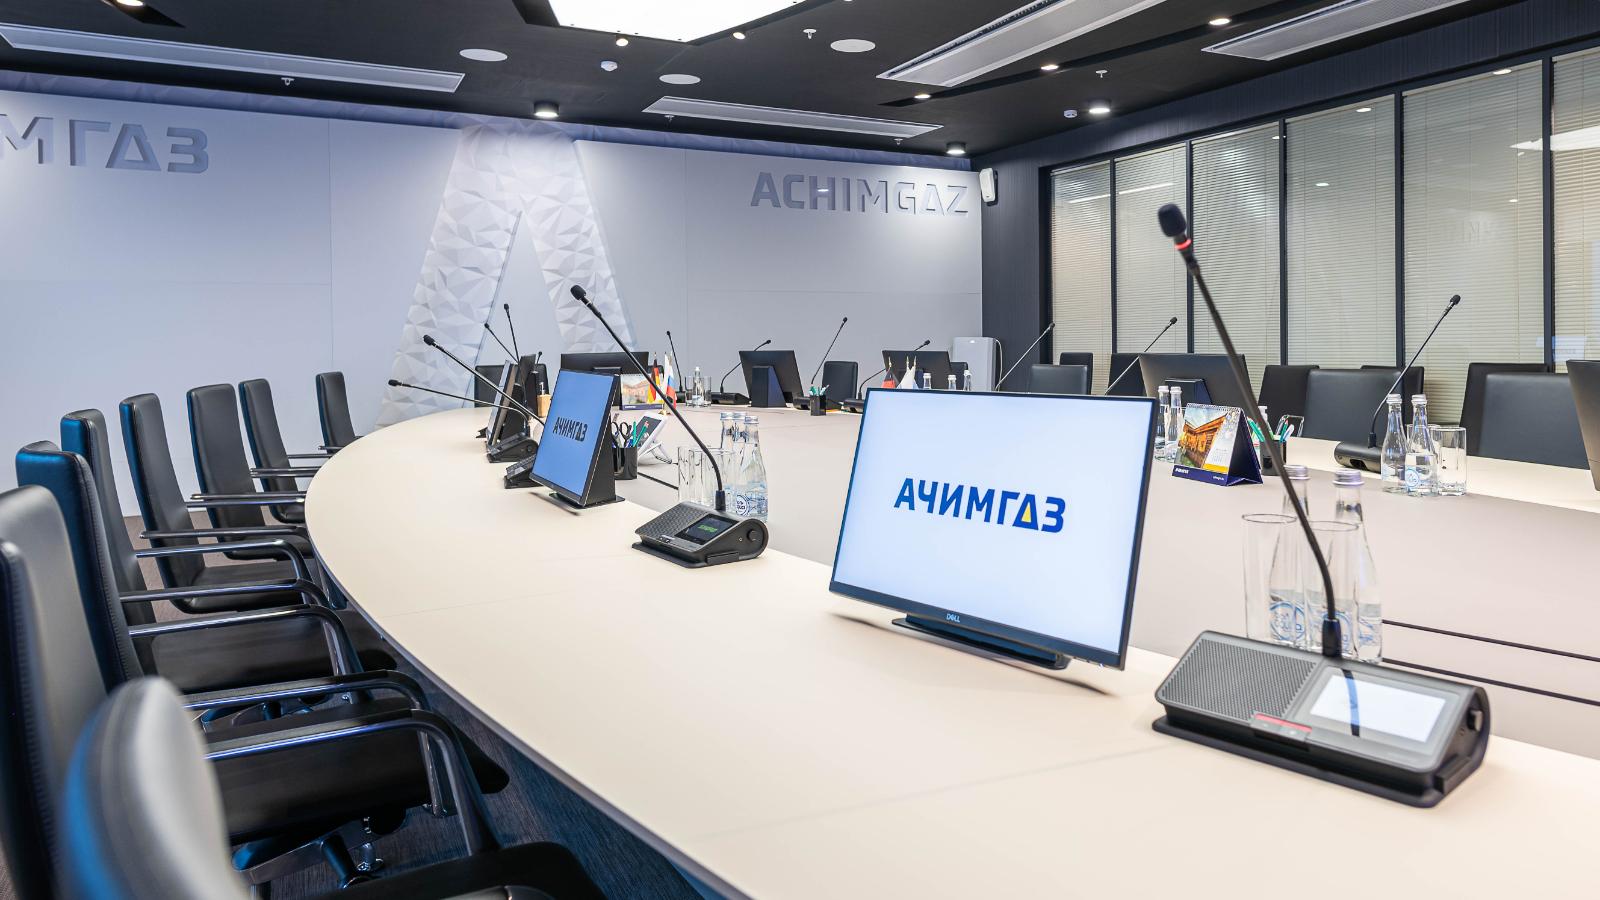 Shure proporciona una alta calidad en las conferencias del edificio AO Achimgaz